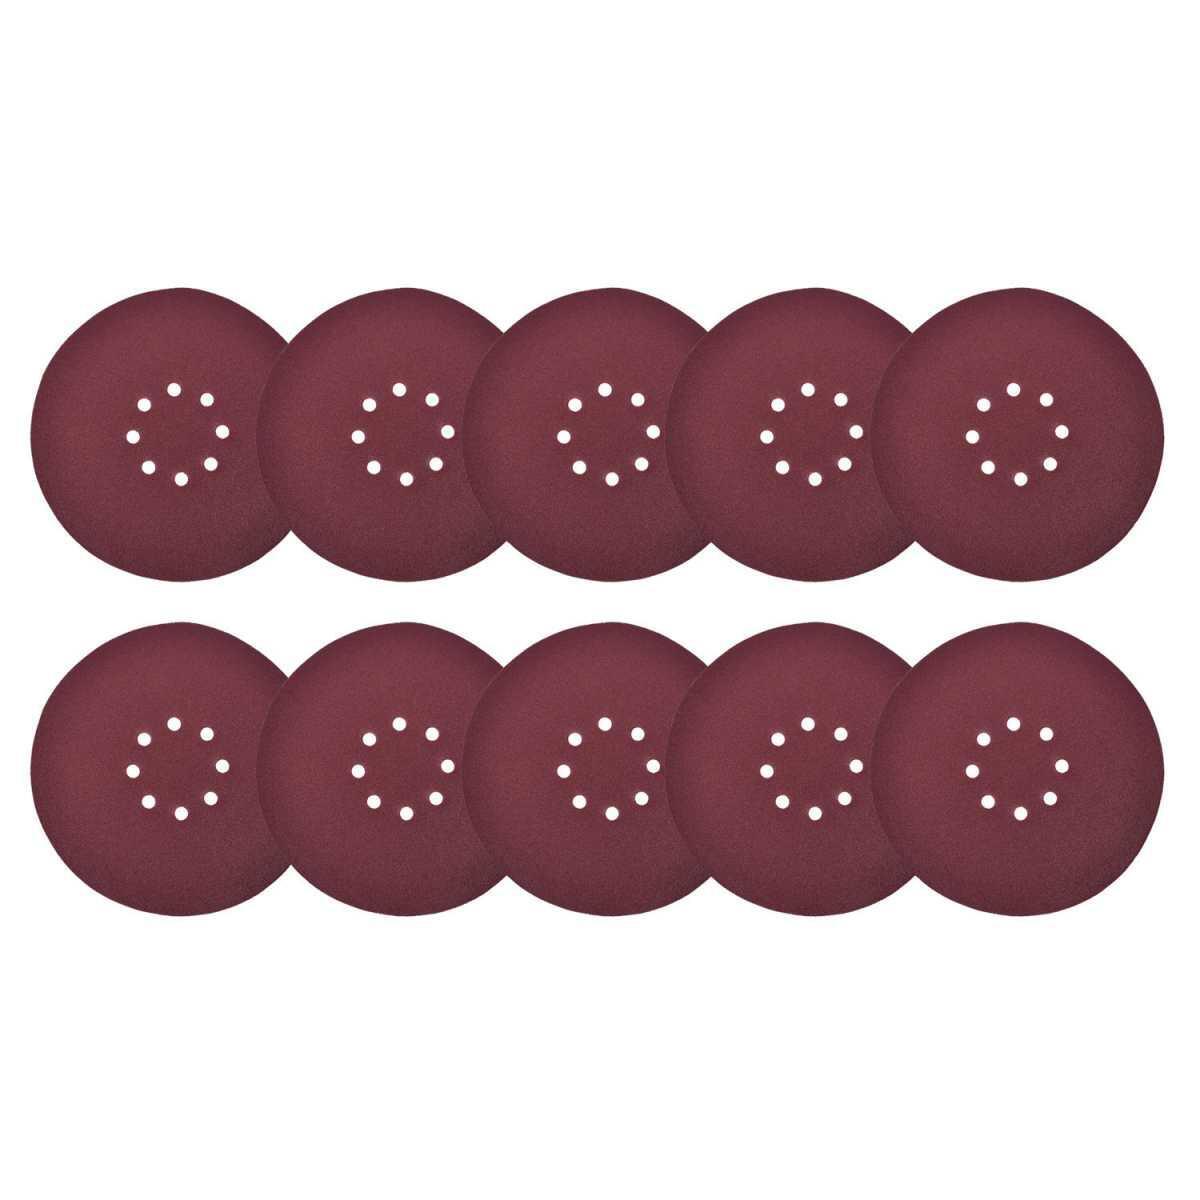 Lixa Disco para Lixadeira 225Mm 10 Peças Grão 60 Wbr